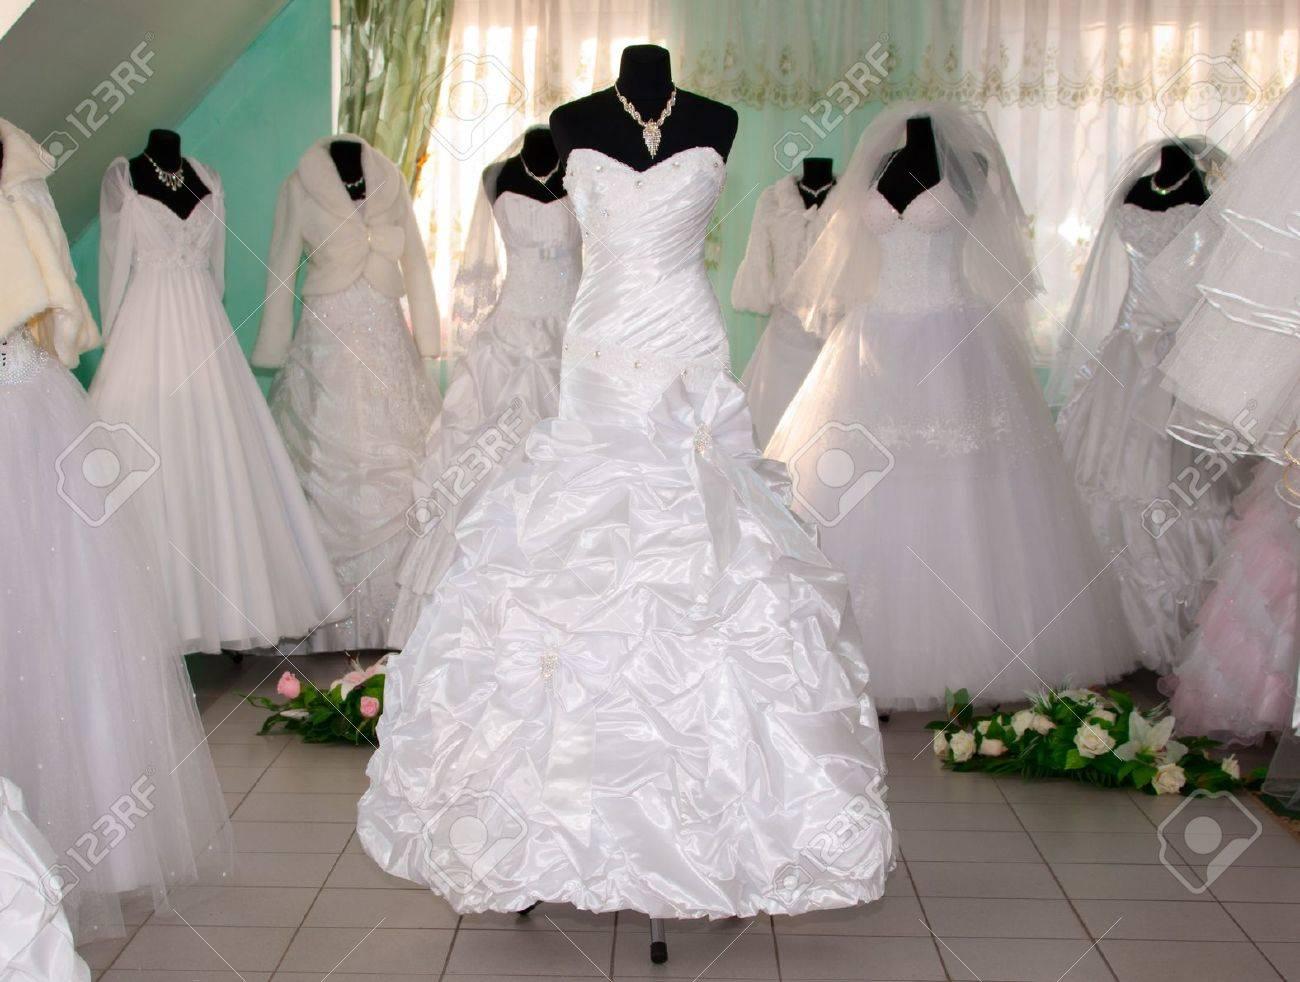 save off d2ec5 9519d Qualche abito da sposa è in un negozio di abbigliamento